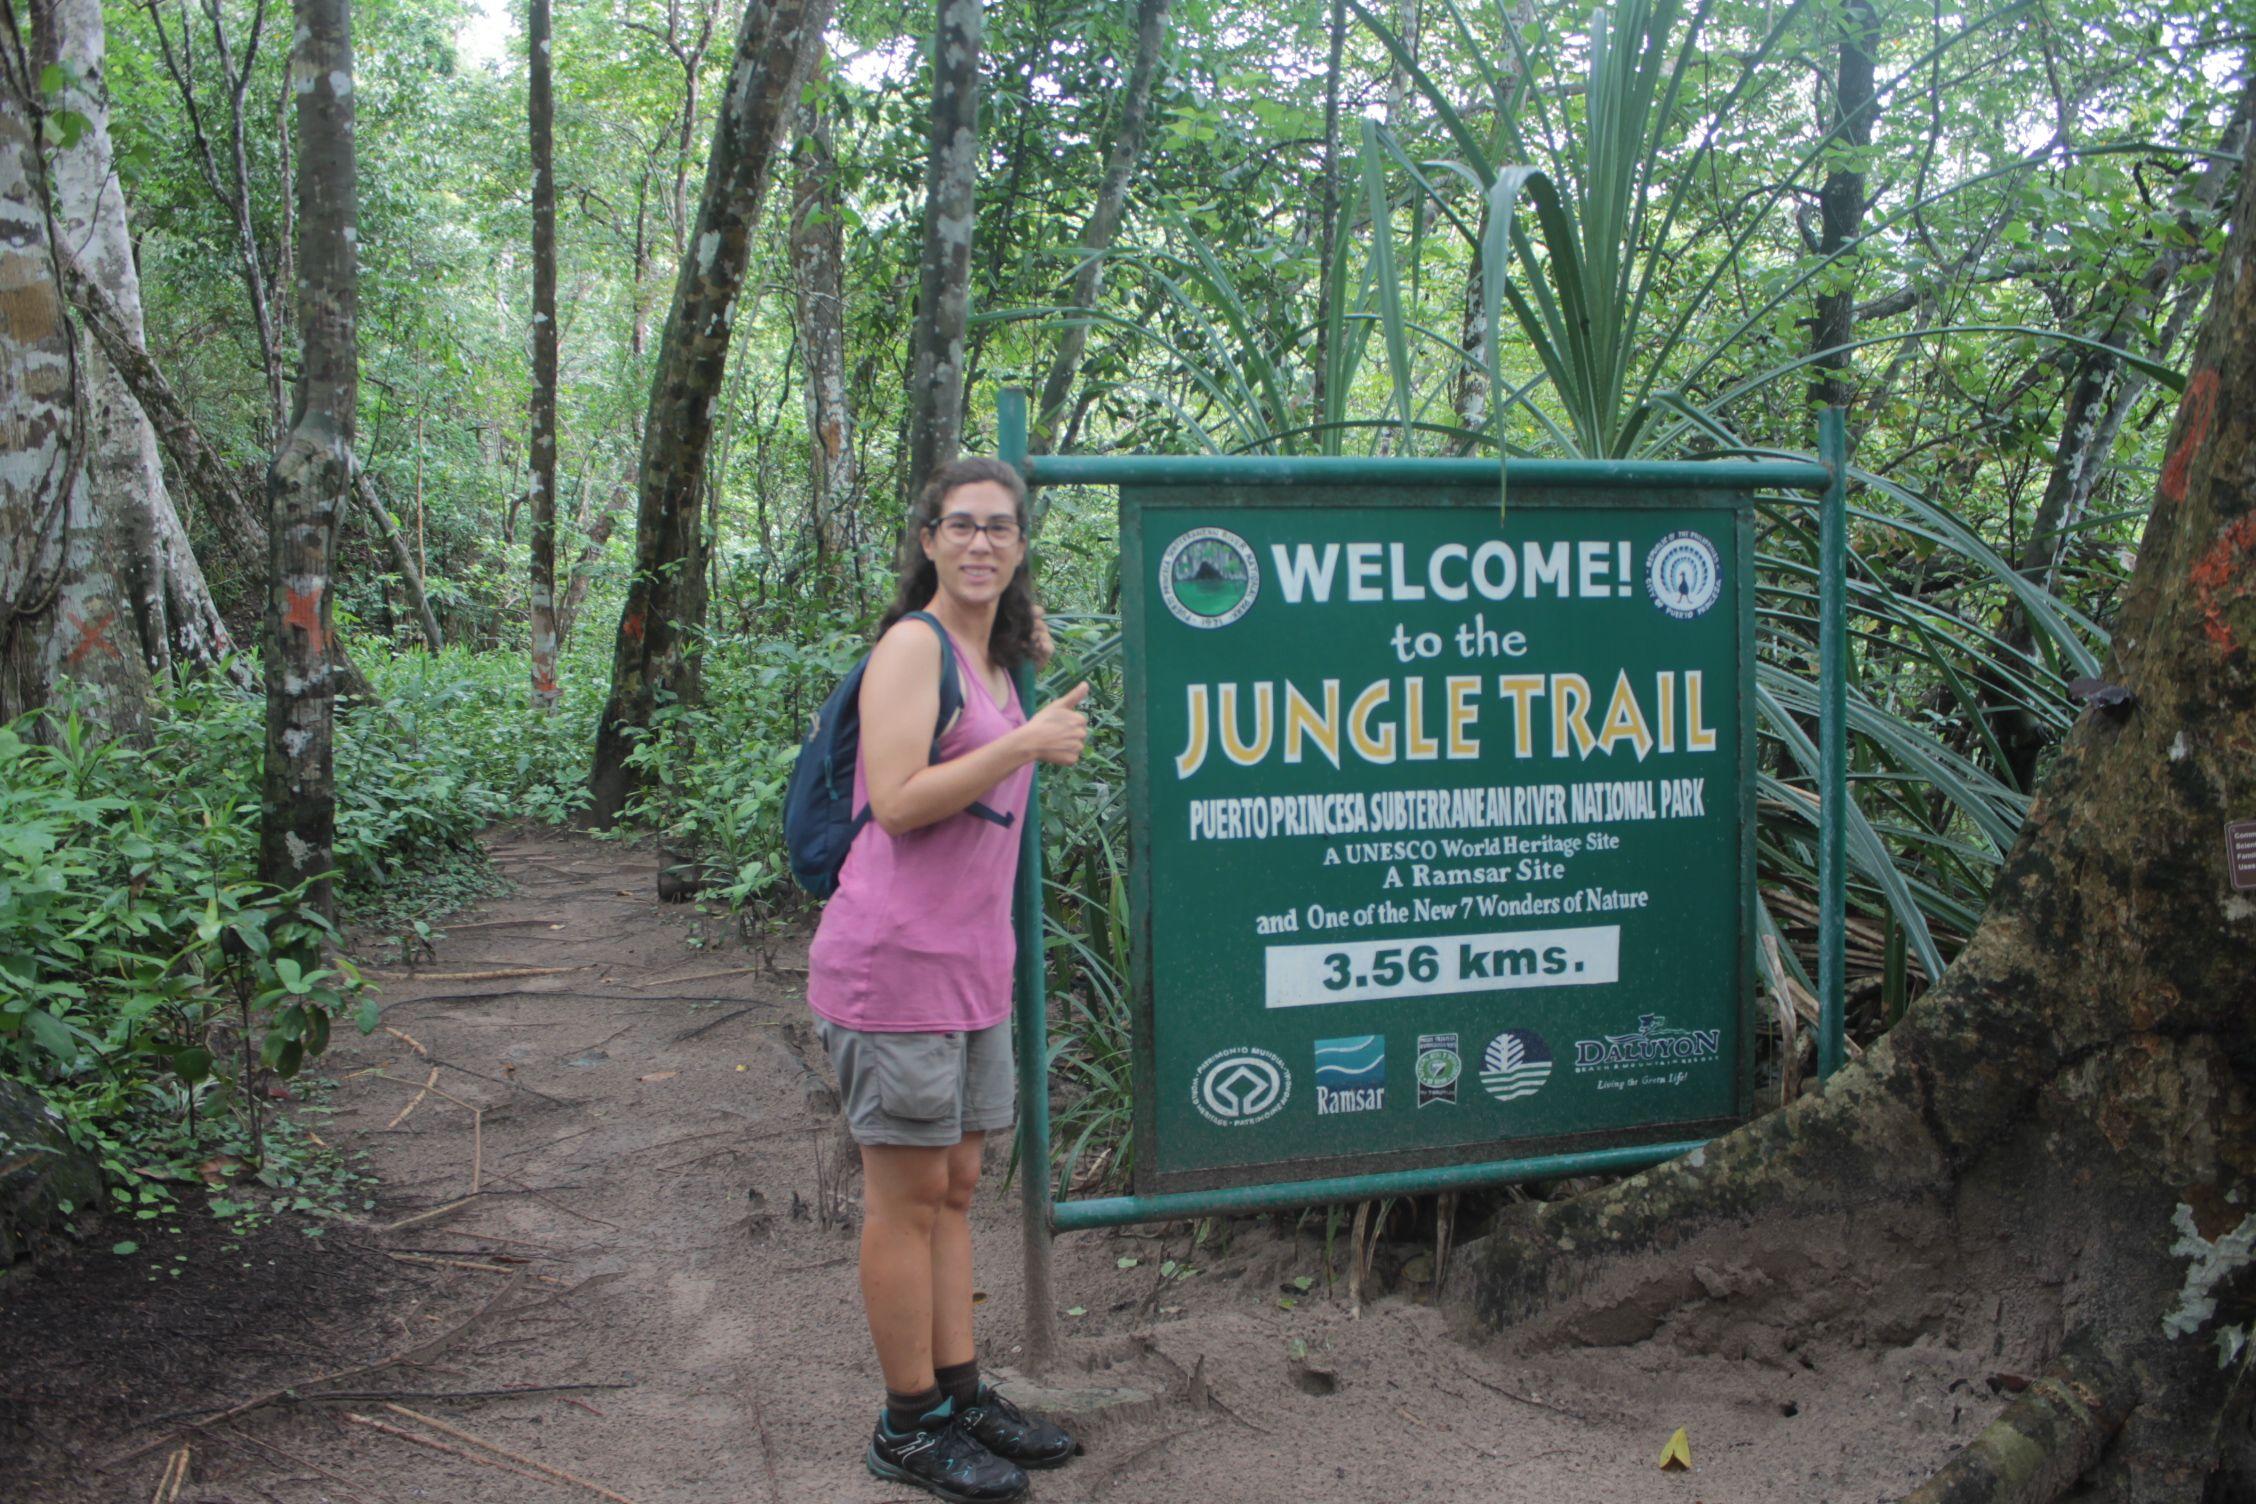 Empezando el camino por la jungla en el rio subterráneo